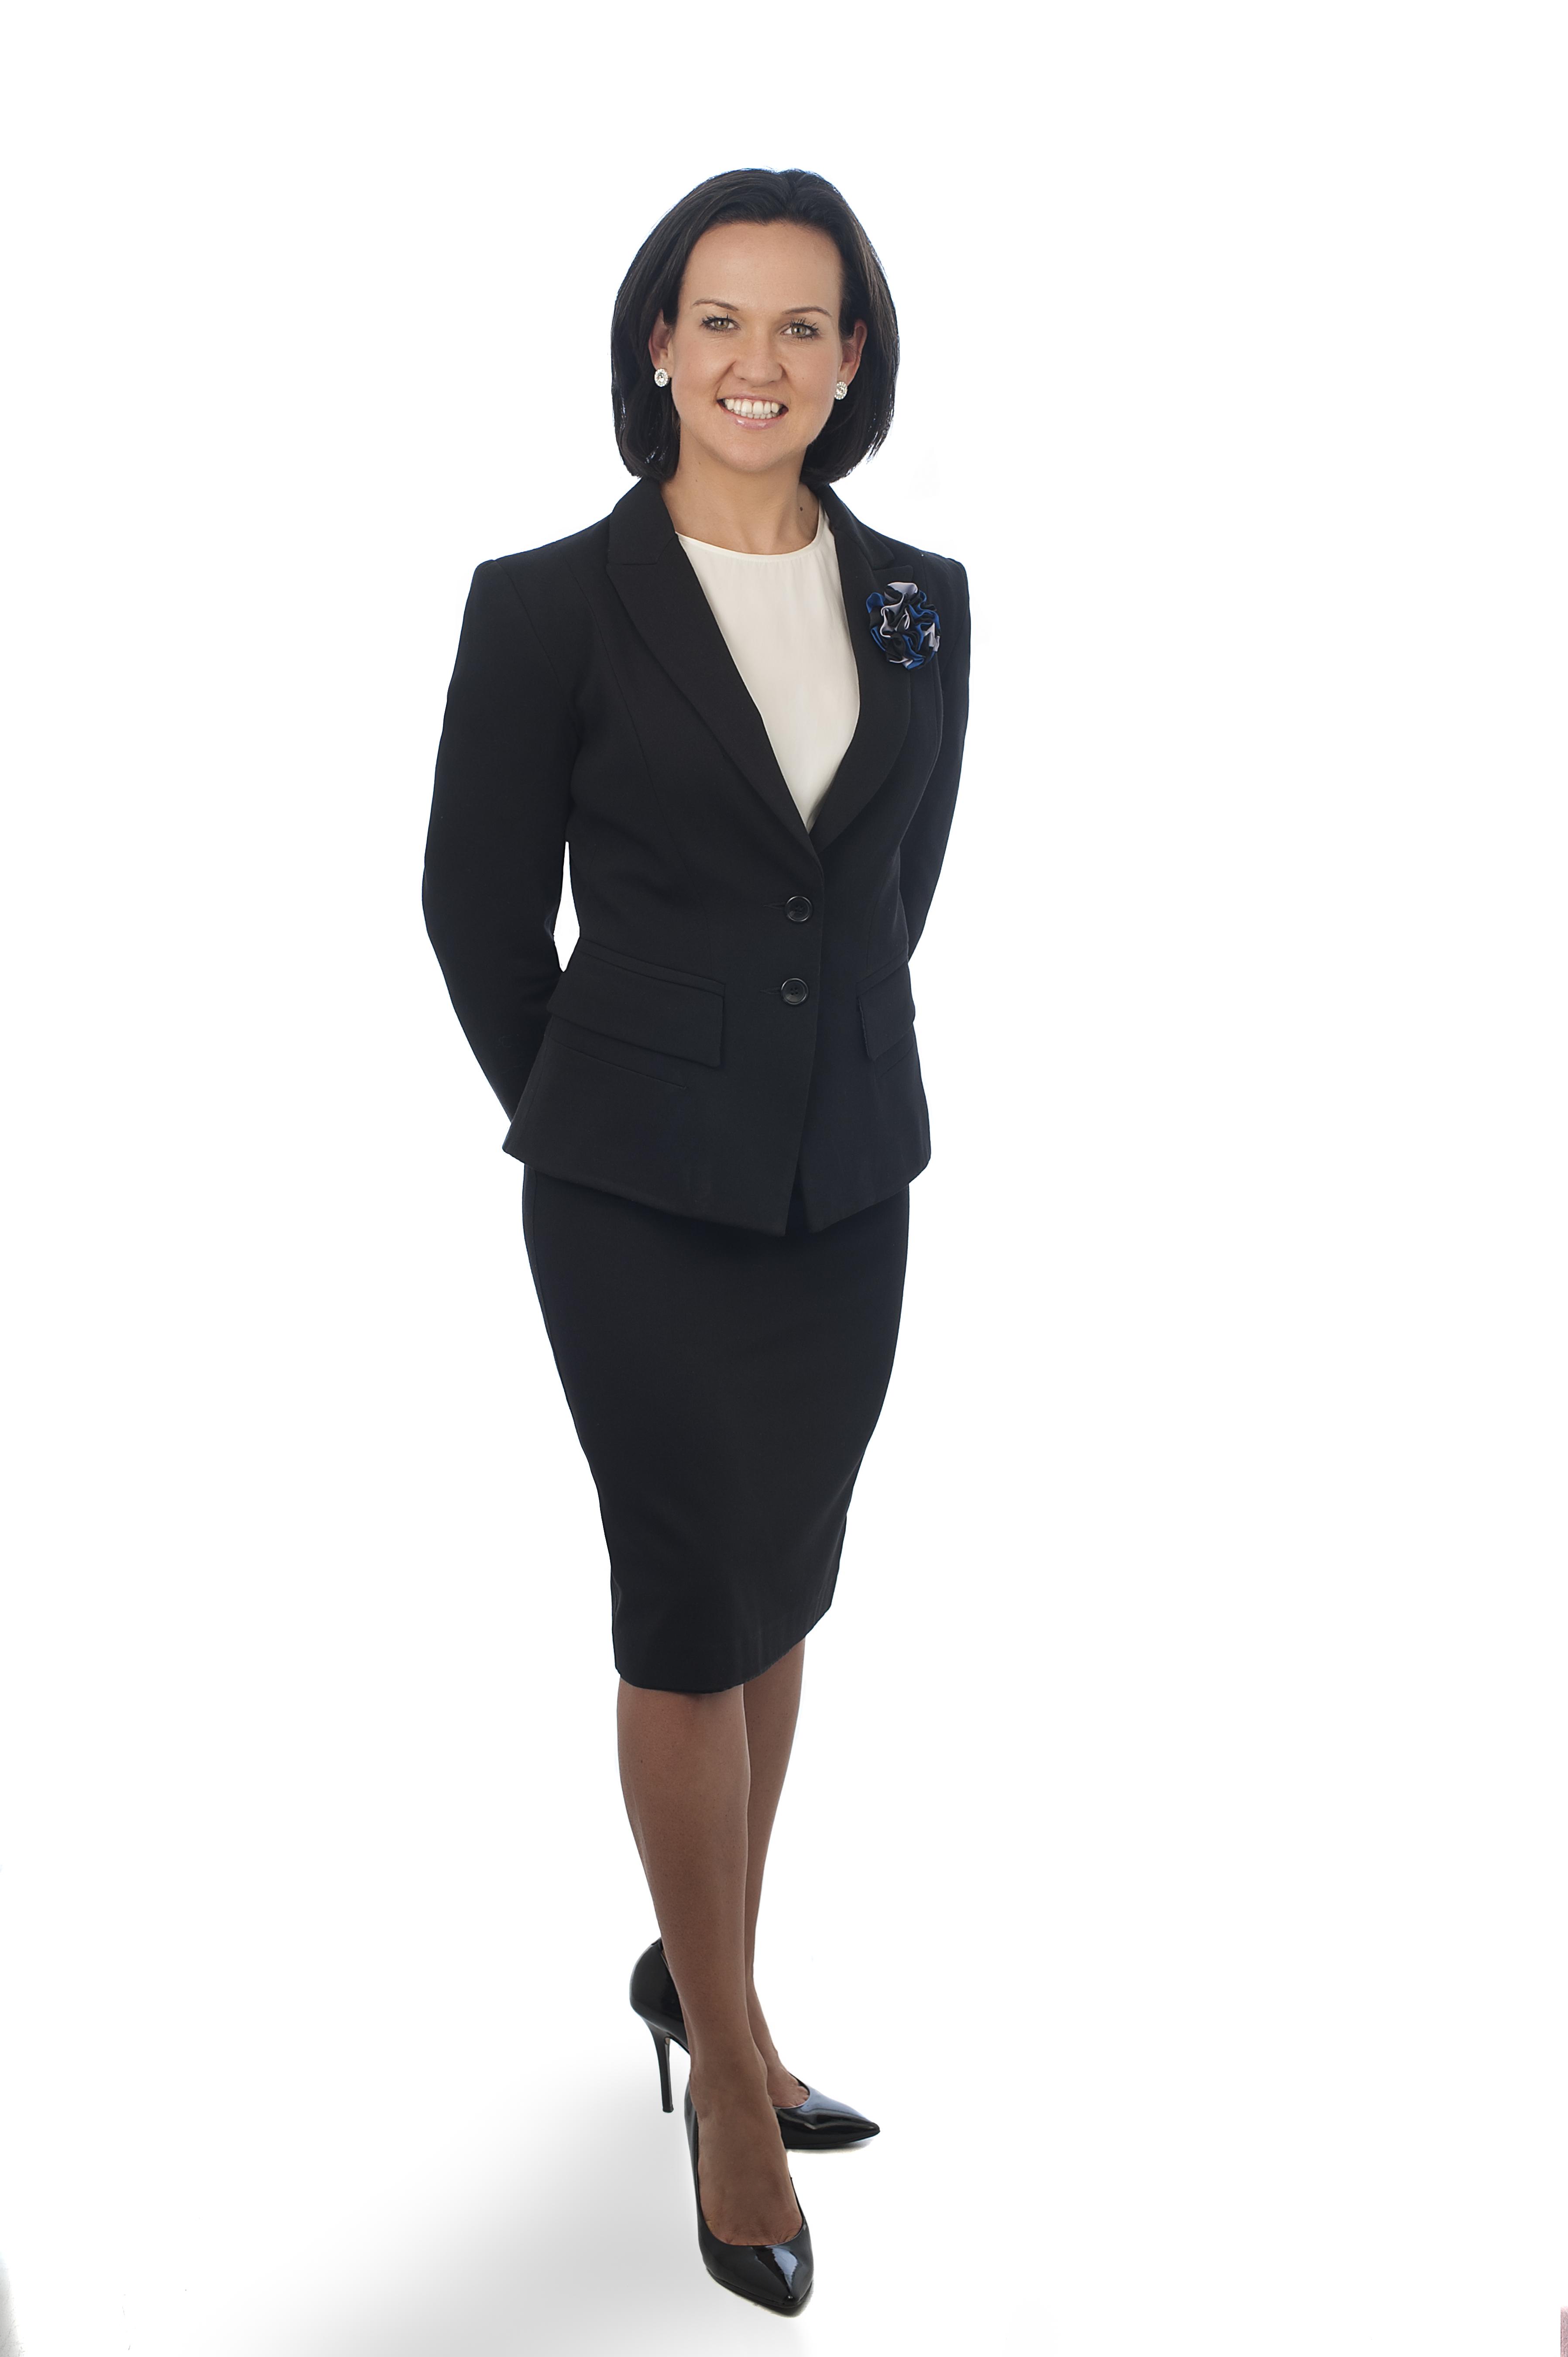 Tina Sander